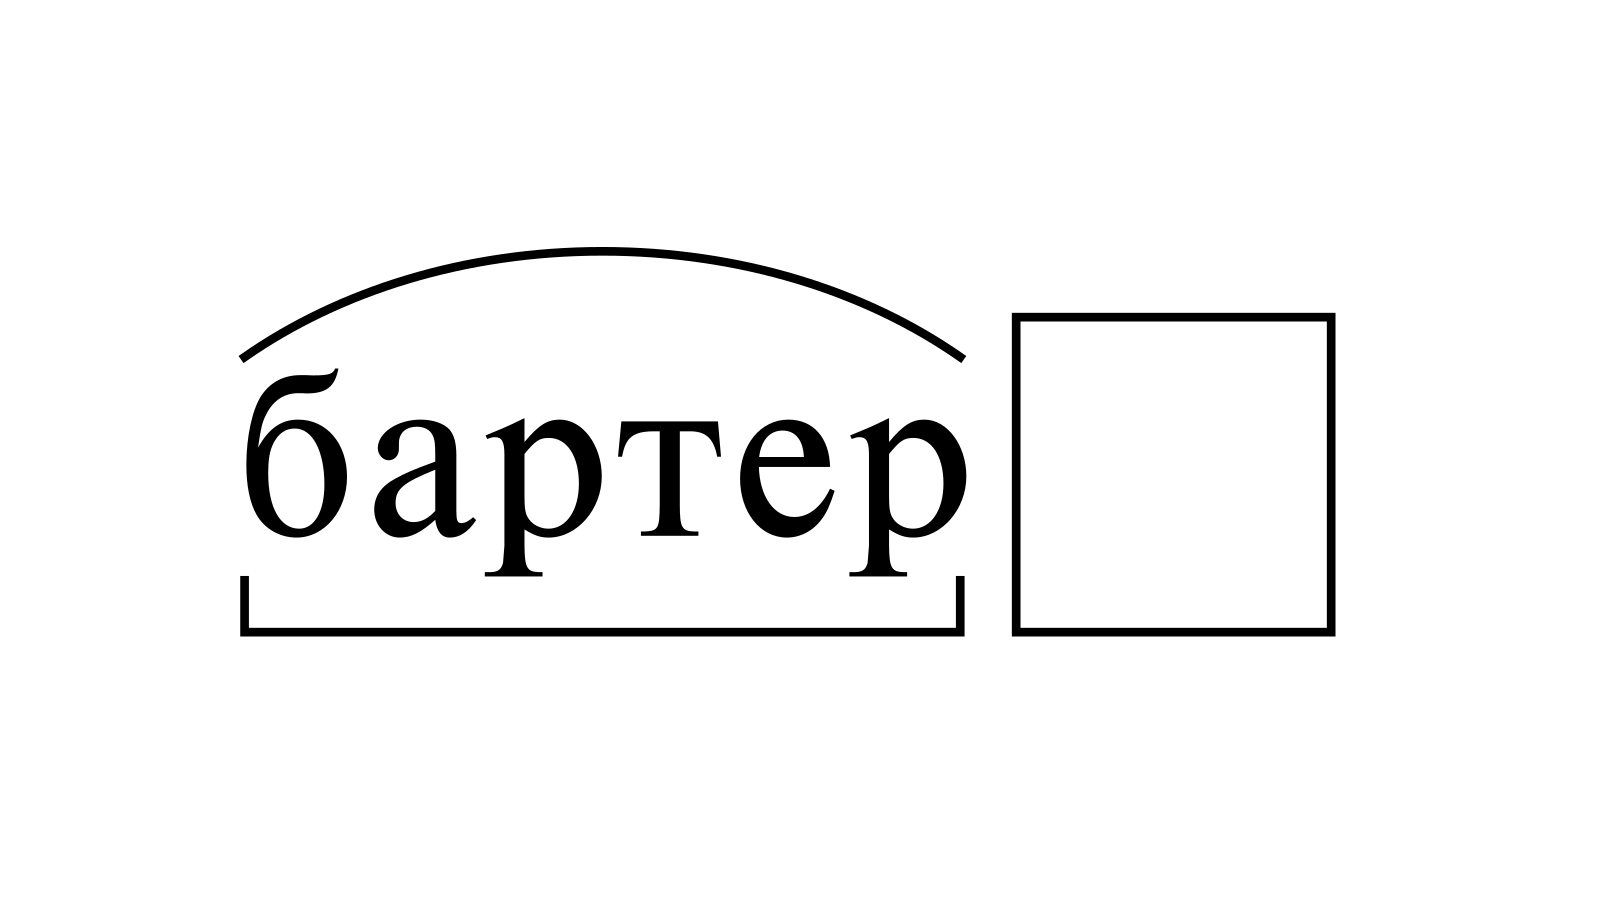 Разбор слова «бартер» по составу